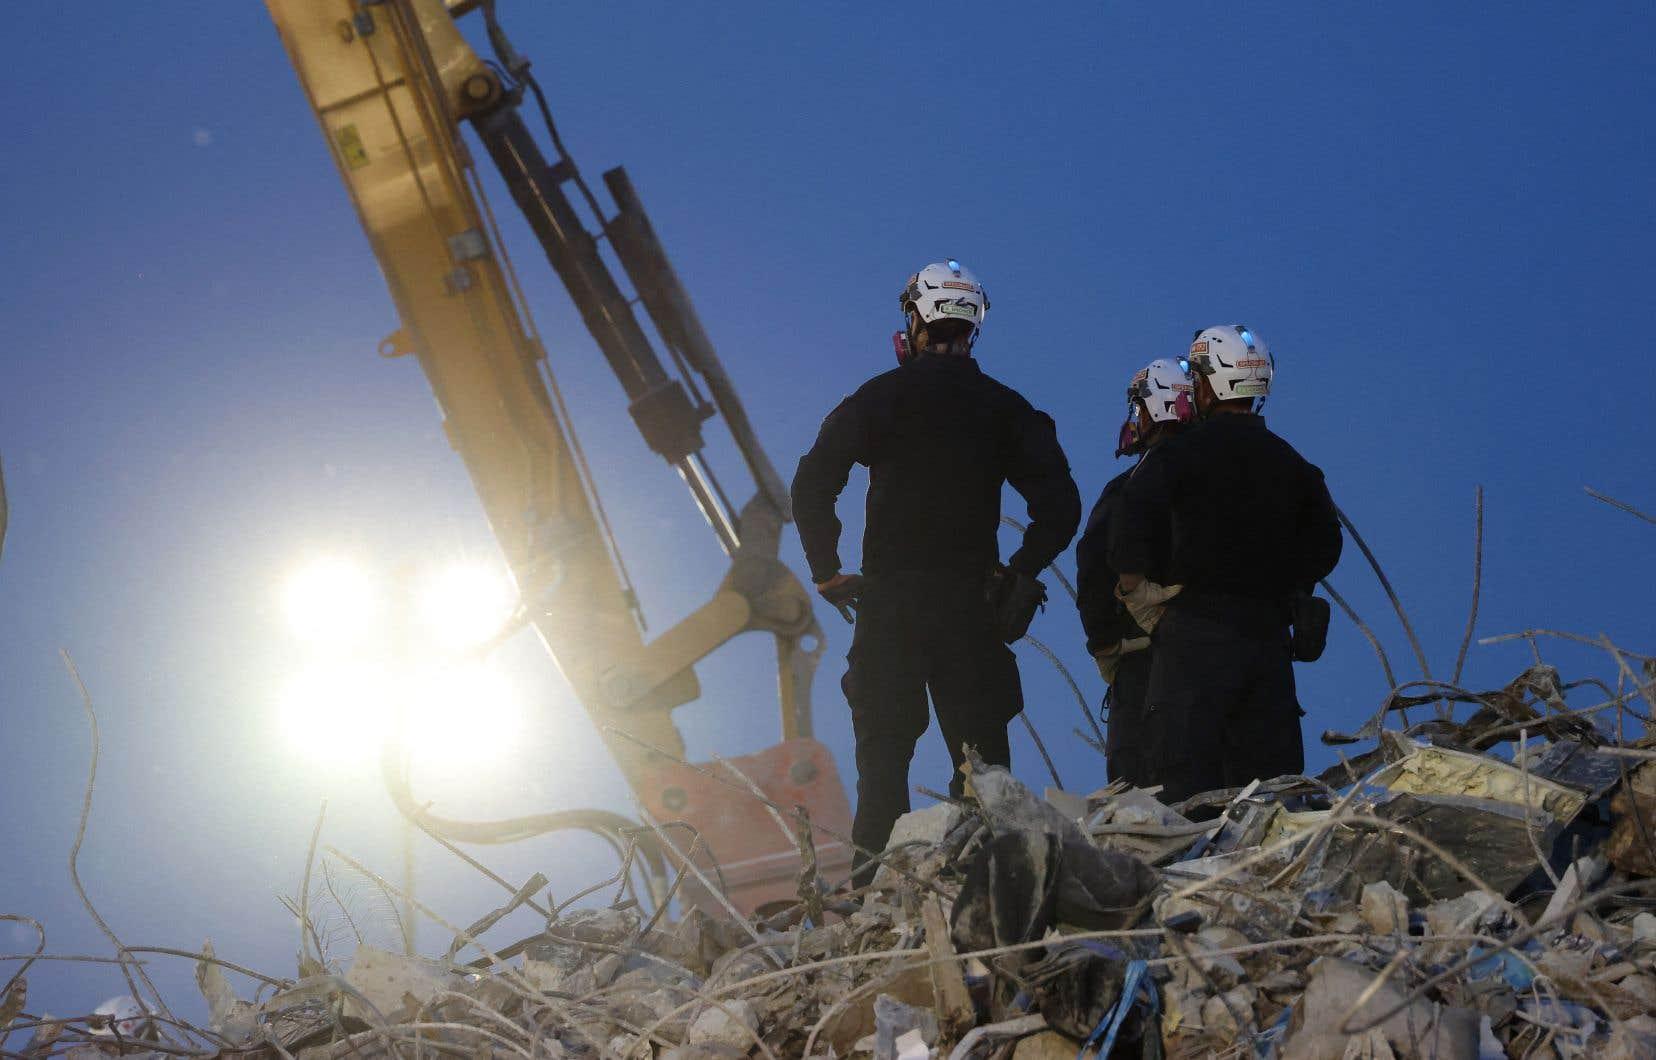 Le plus récent bilan fait état de 86 décès confirmés à la suite de l'effondrement de l'immeuble à Surfside, tandis que 43 personnes sont toujours portées disparues.